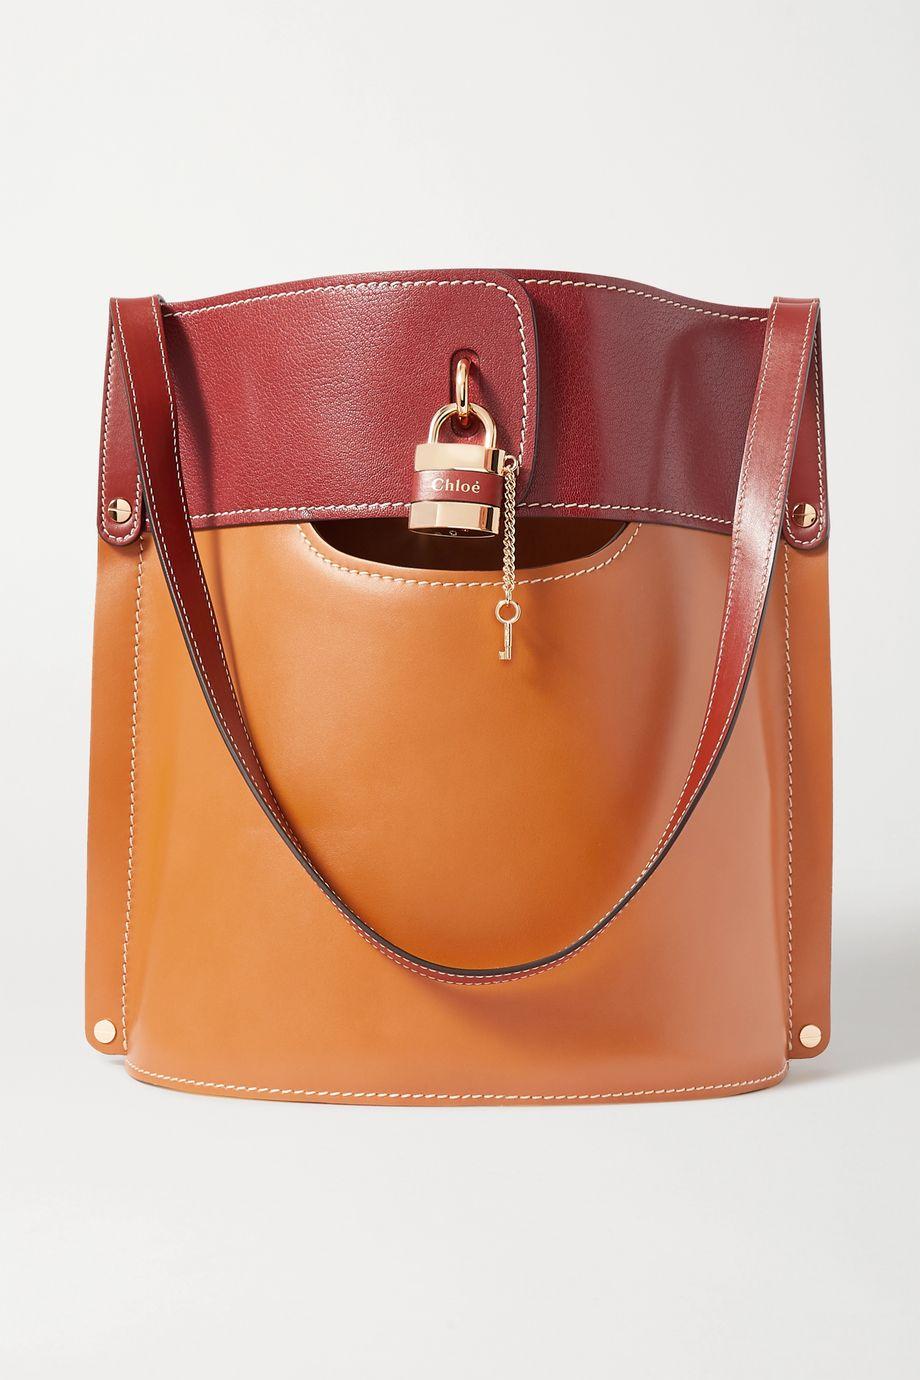 끌로에 애비 투톤 토트백 - 브라운 Chloe Aby two-tone leather tote,Brown